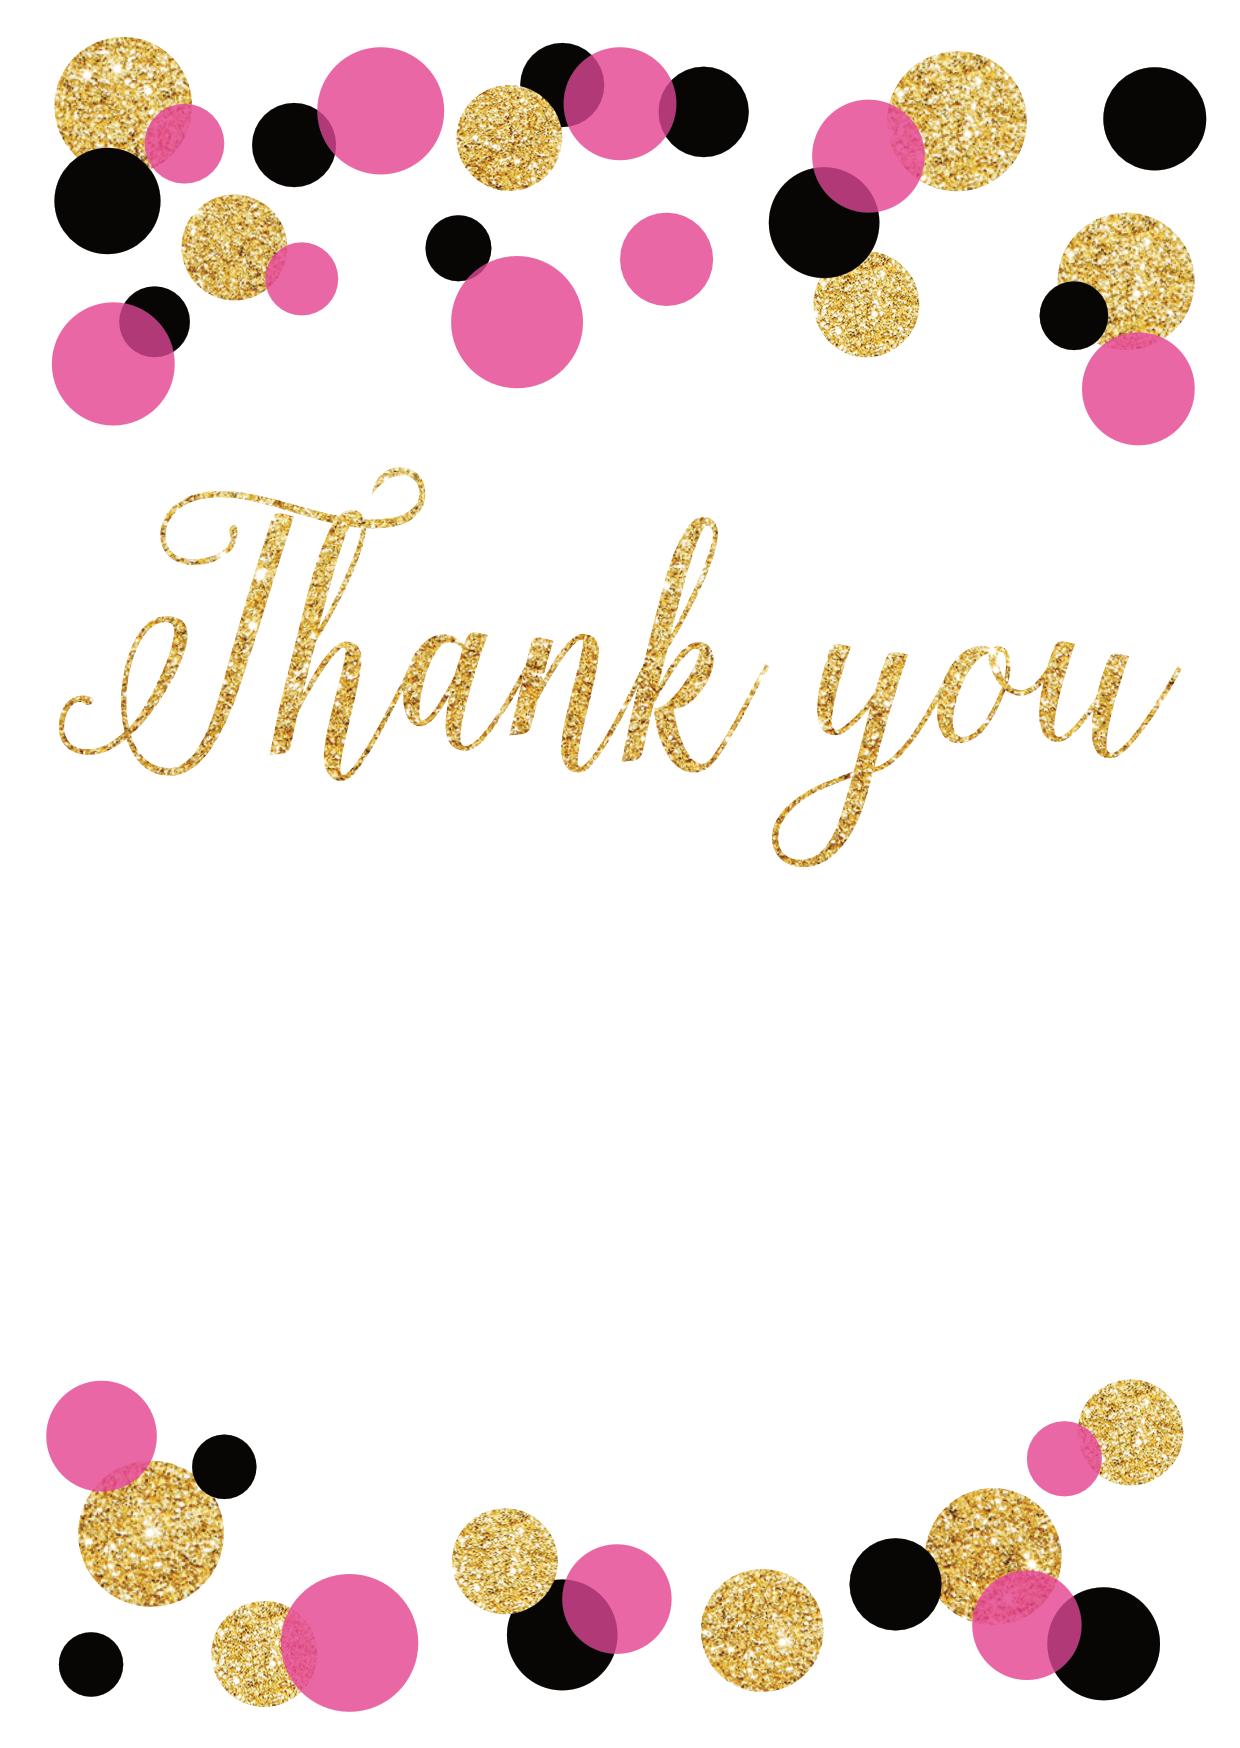 confetti design thank you cards suavecards com